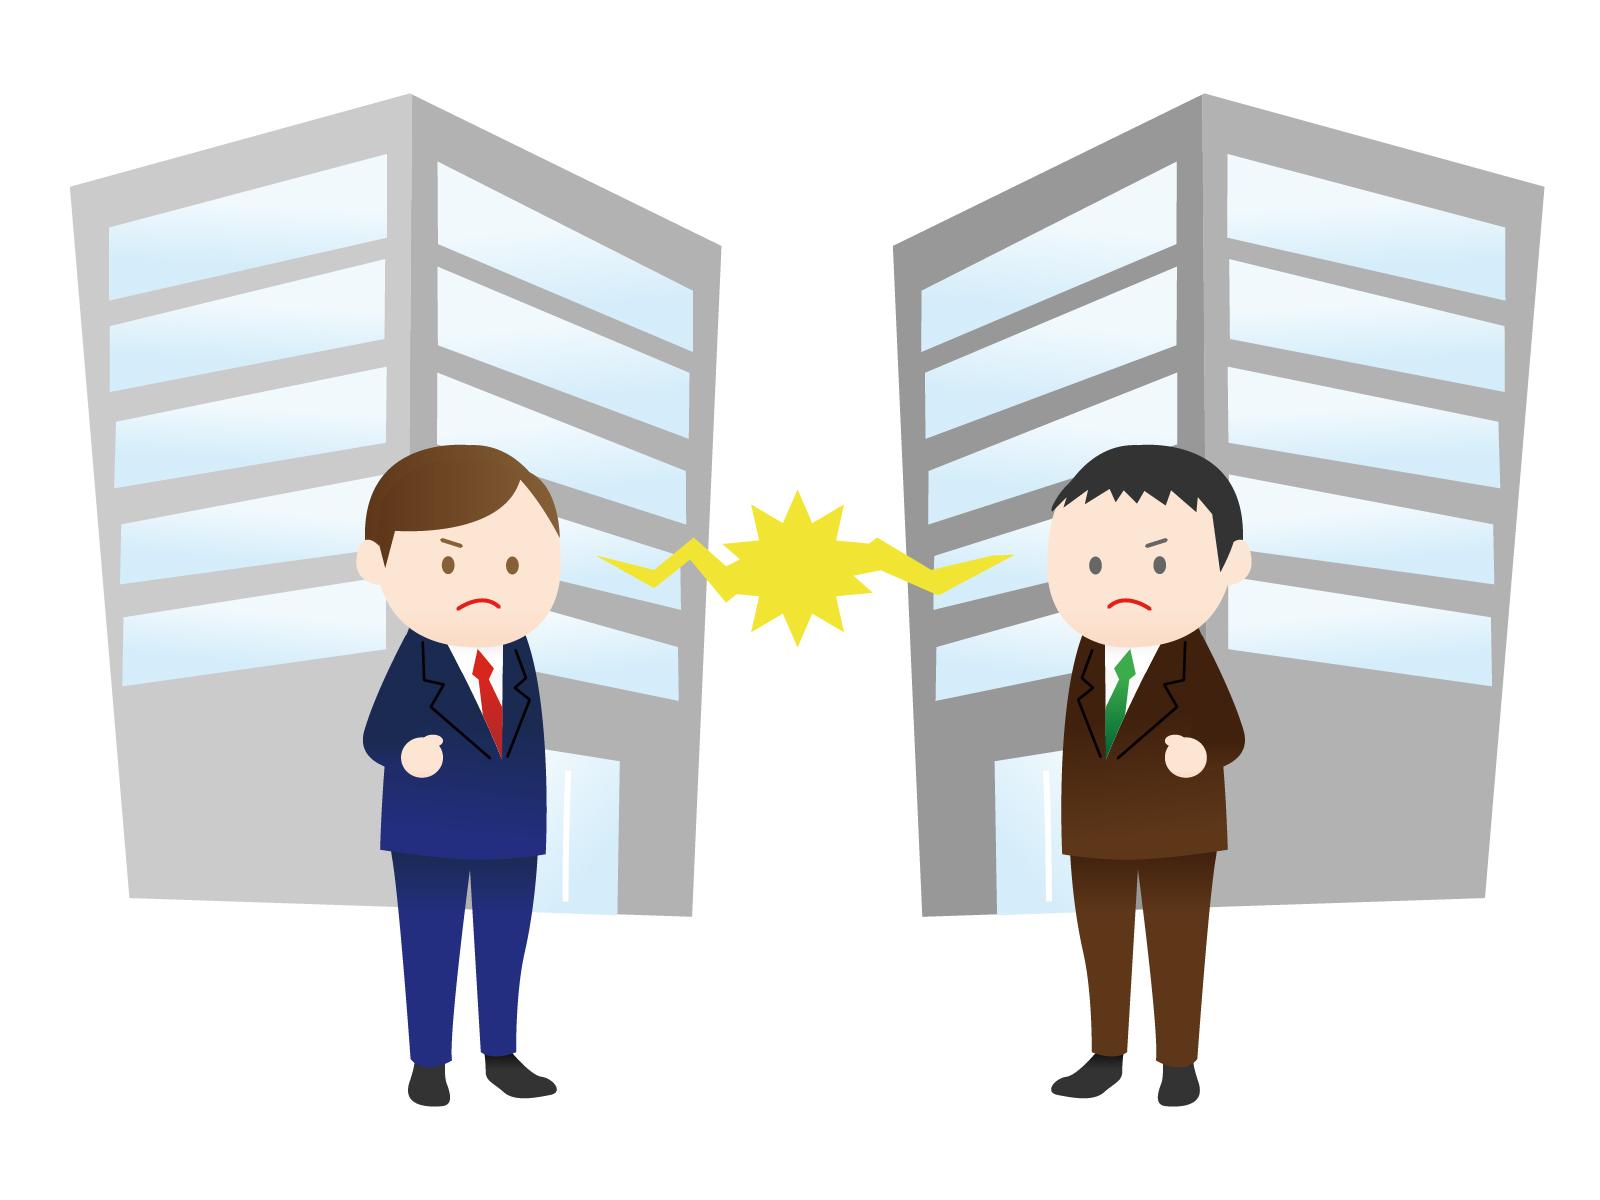 個人事業主と法人化【開業するならどちらを選ぶ?】節税できるのは?